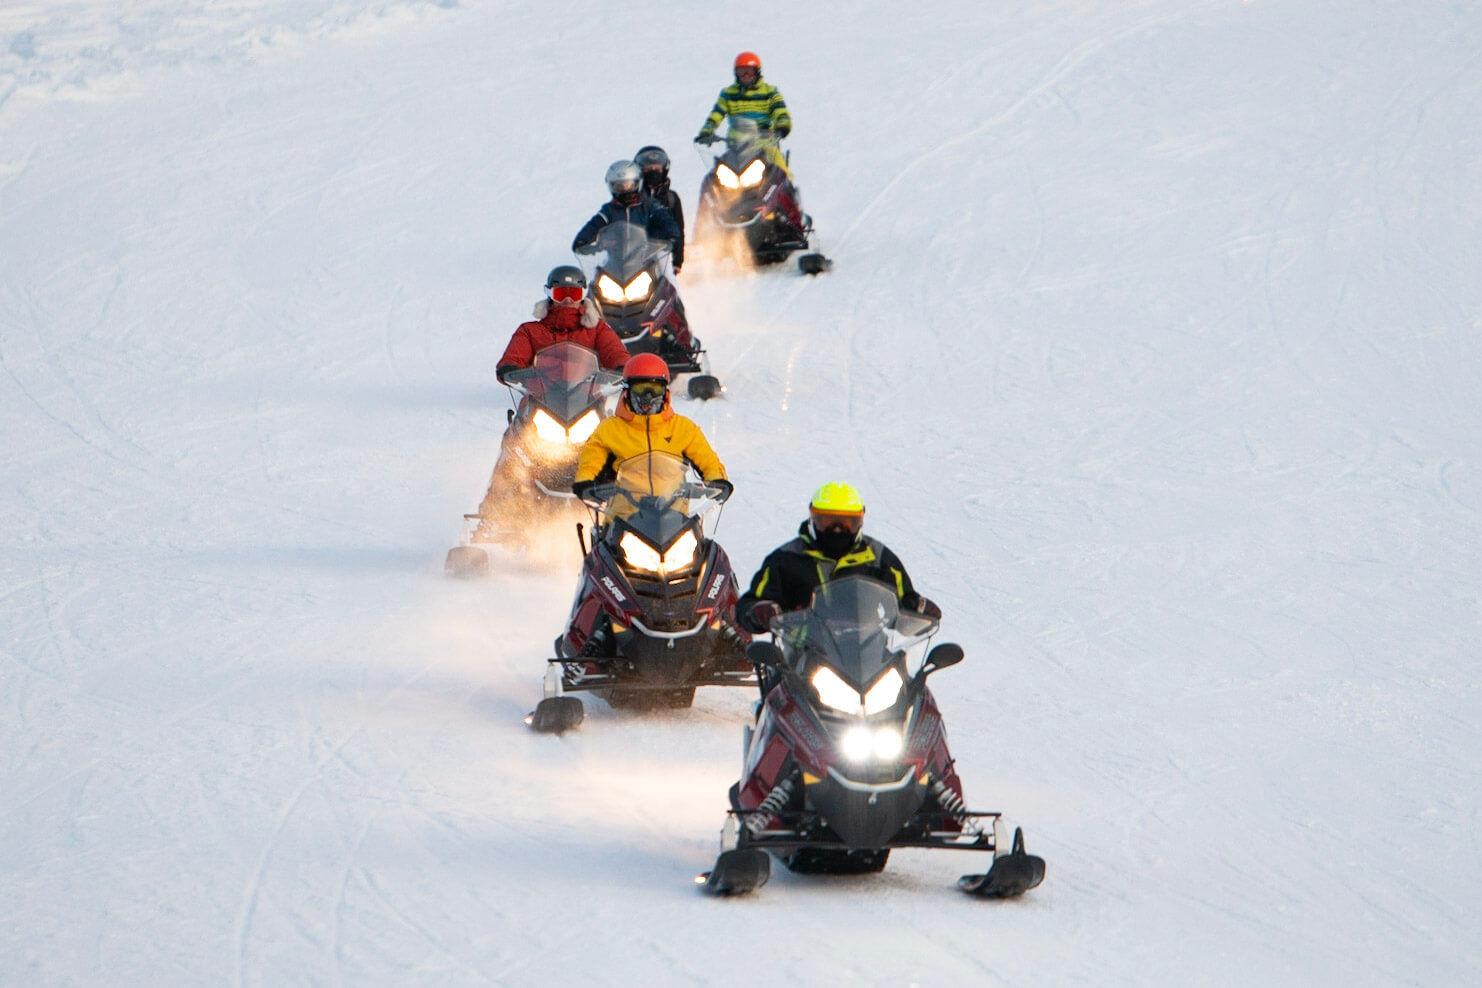 Escursione in motoslitta al Passo del Tonale (BS)